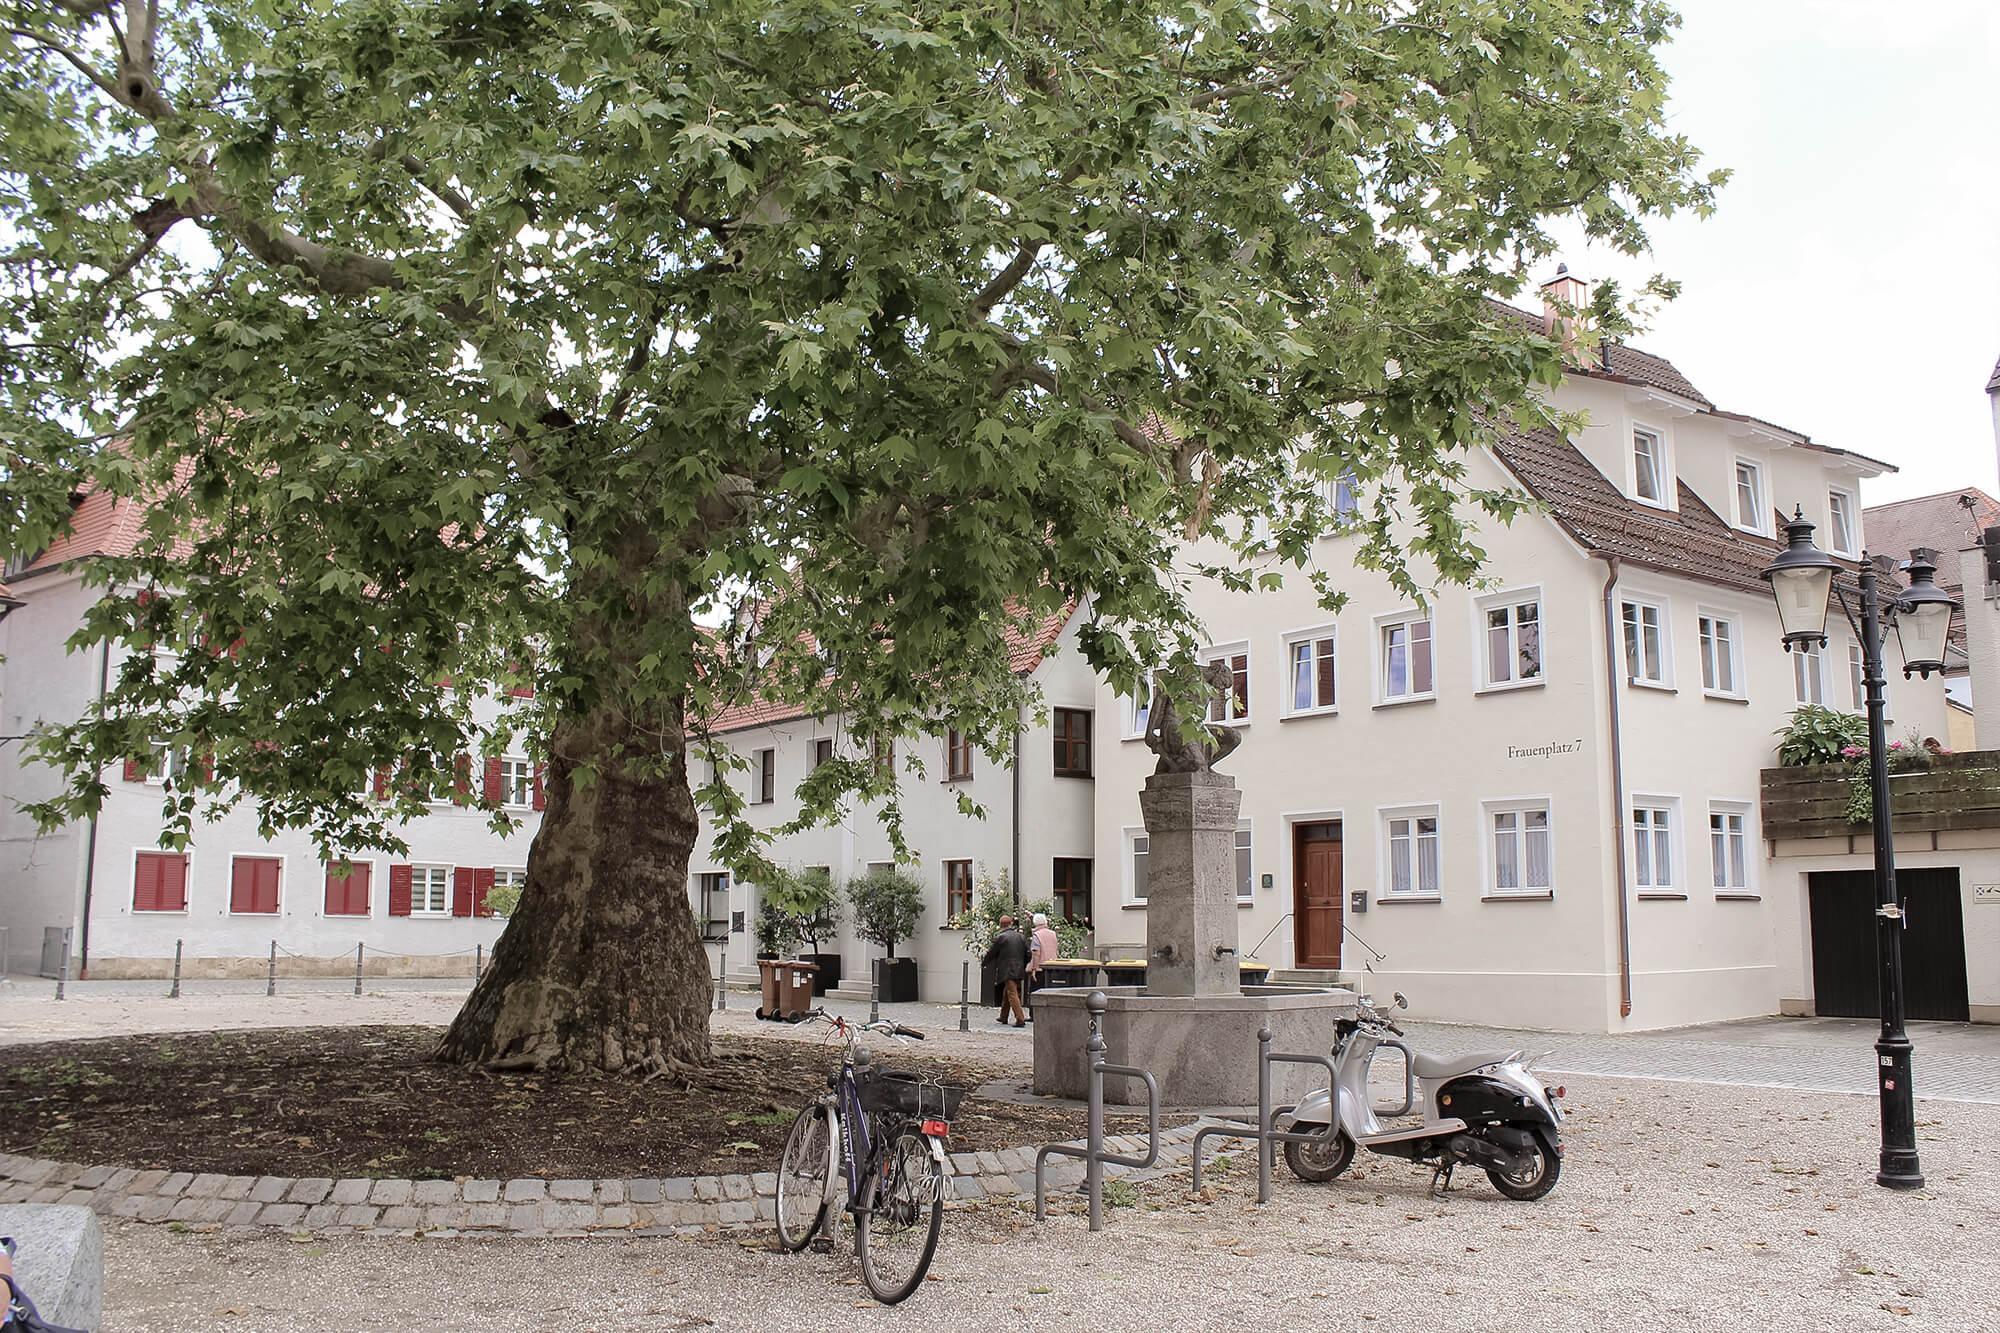 Kirchplatz vor Frauenkirche in Günzburg